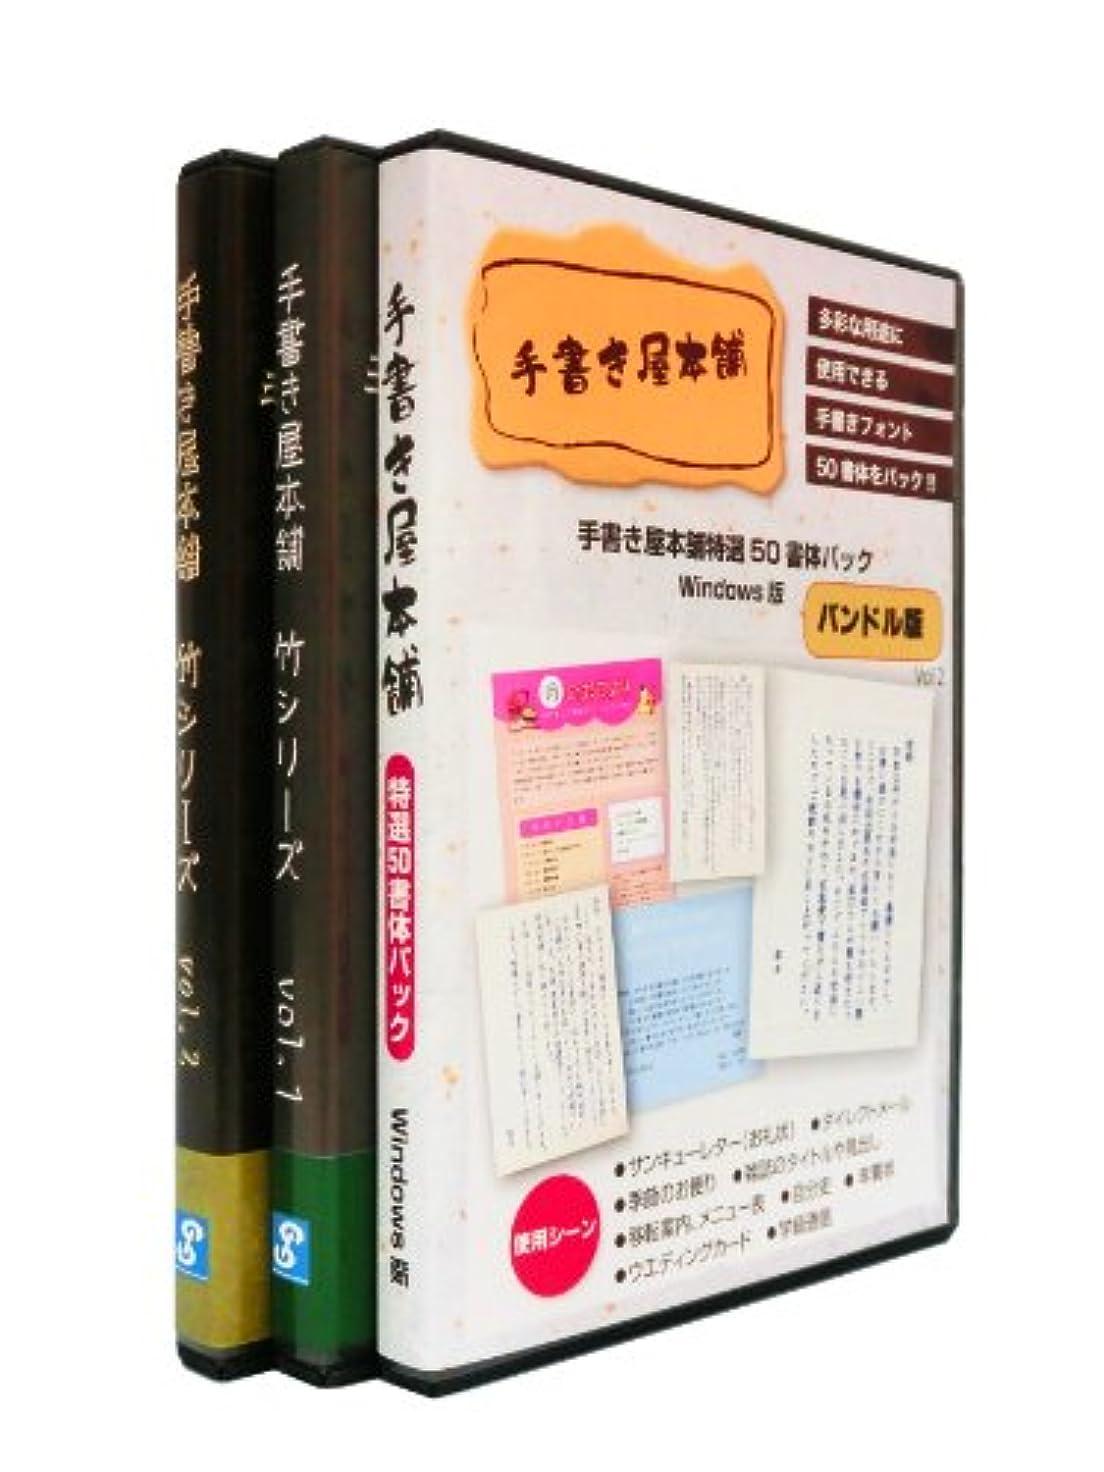 論文断線縞模様の手書き屋本舗バリューフォントパック1 「手書きフォント3本パック71書体」